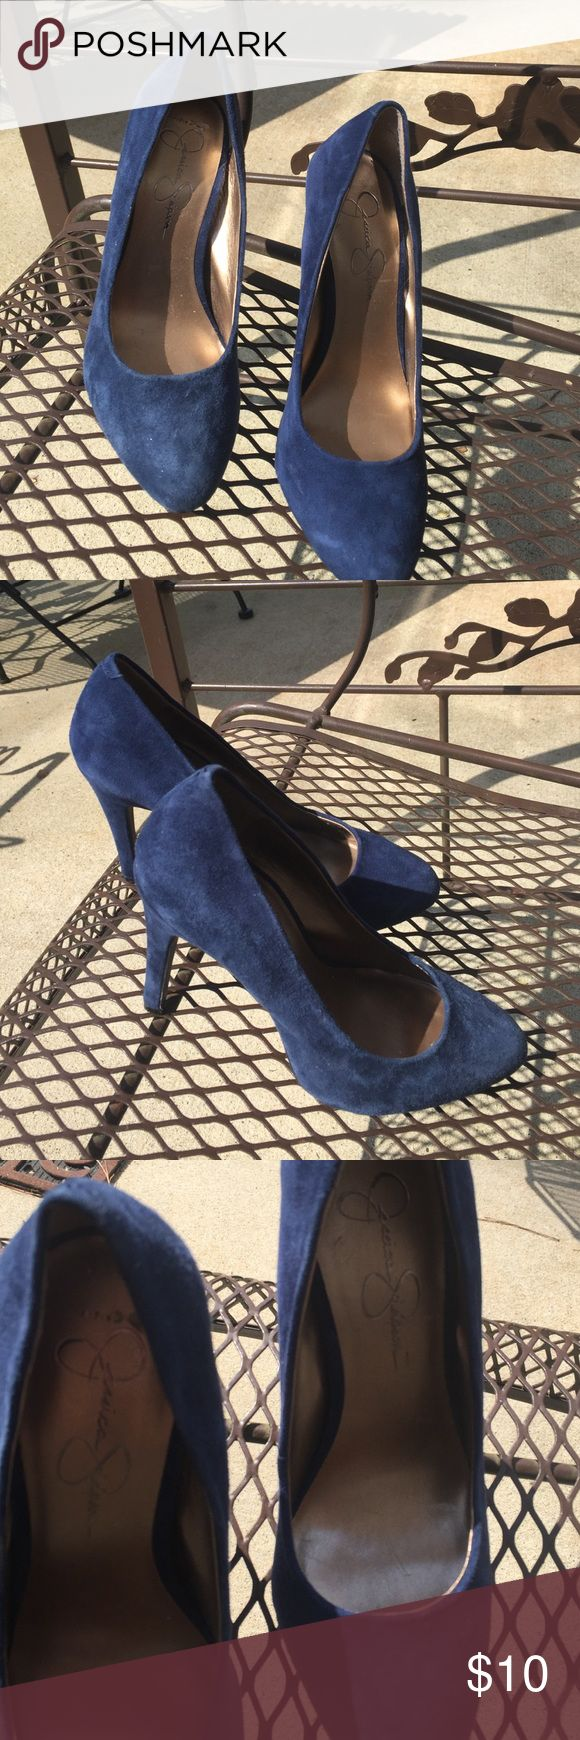 Blue suede pumps. Sz. 7 Blue suede pumps size 7. Jessica Simpson Shoes Heels